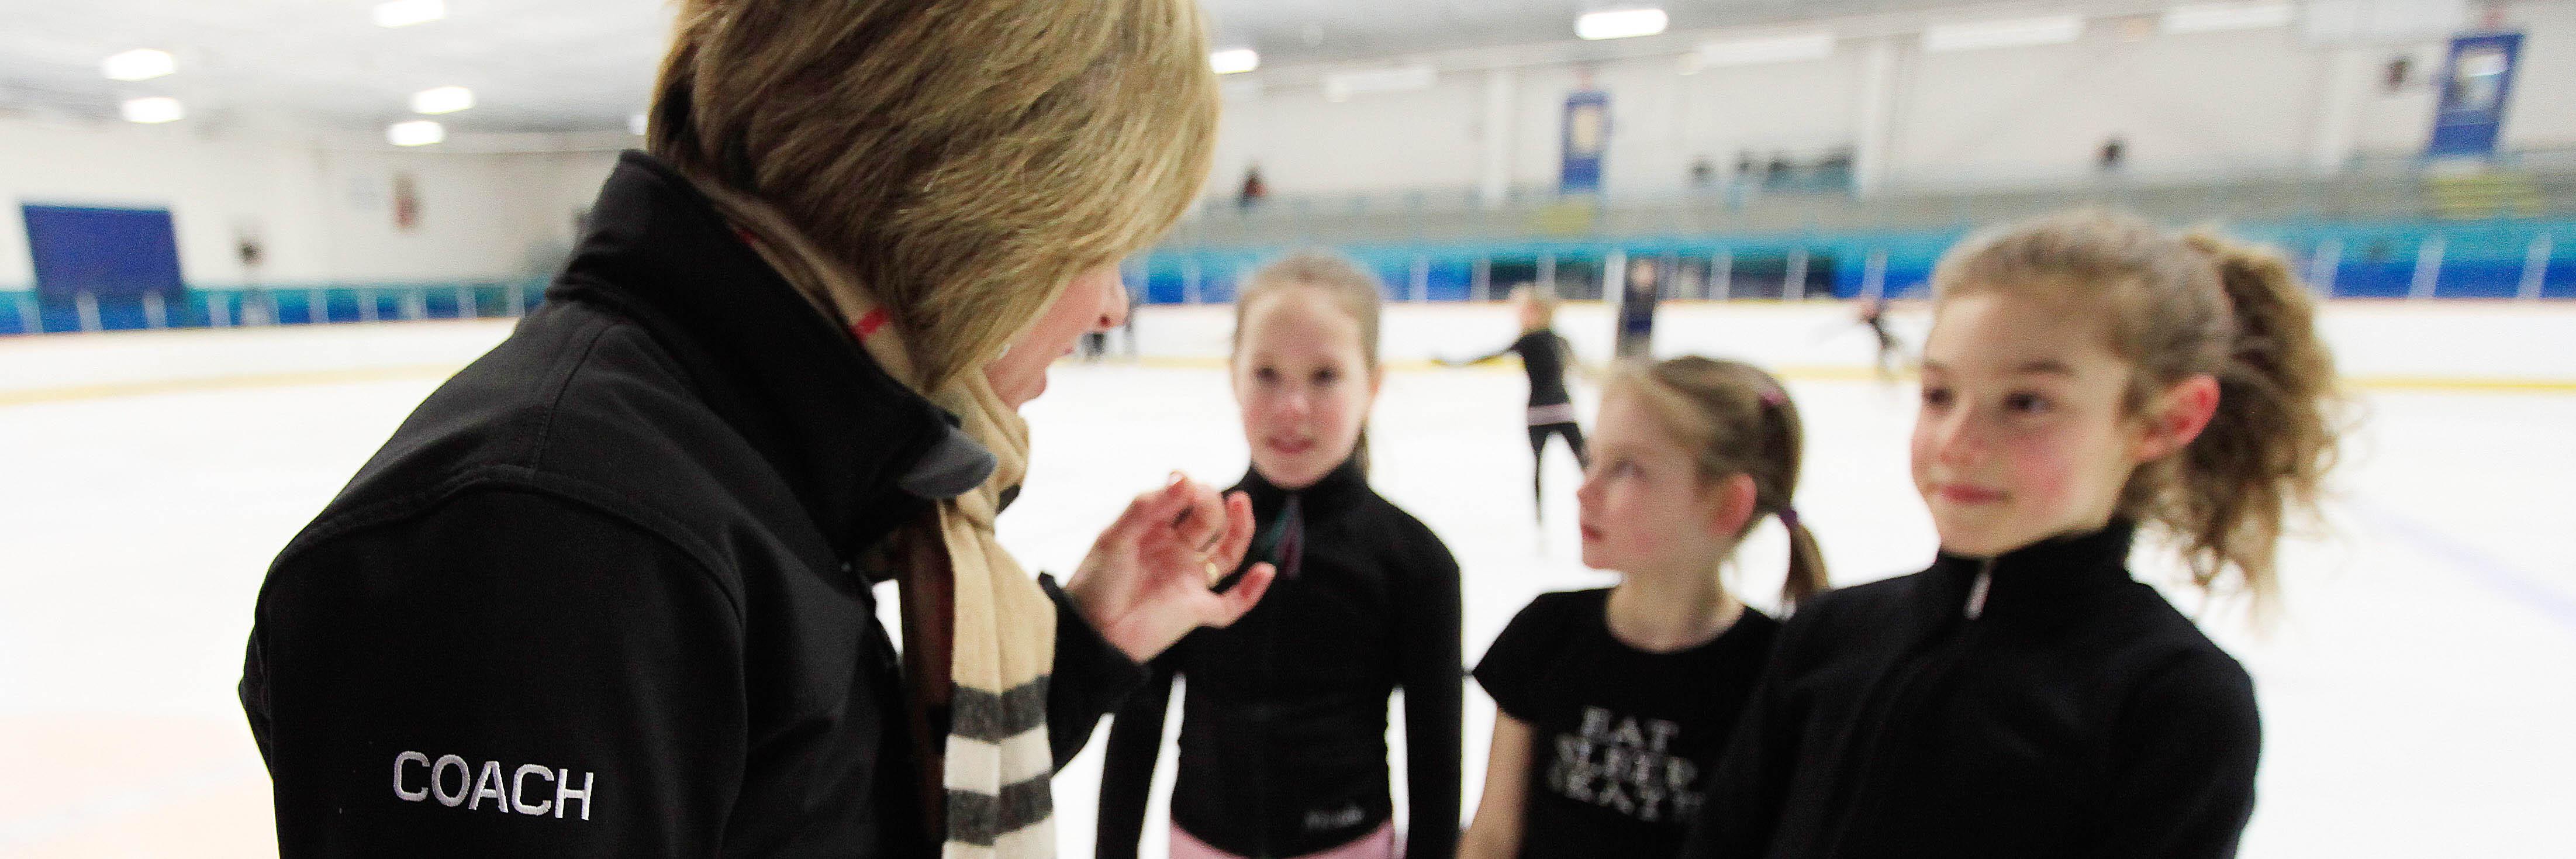 Coaching in Canada Home